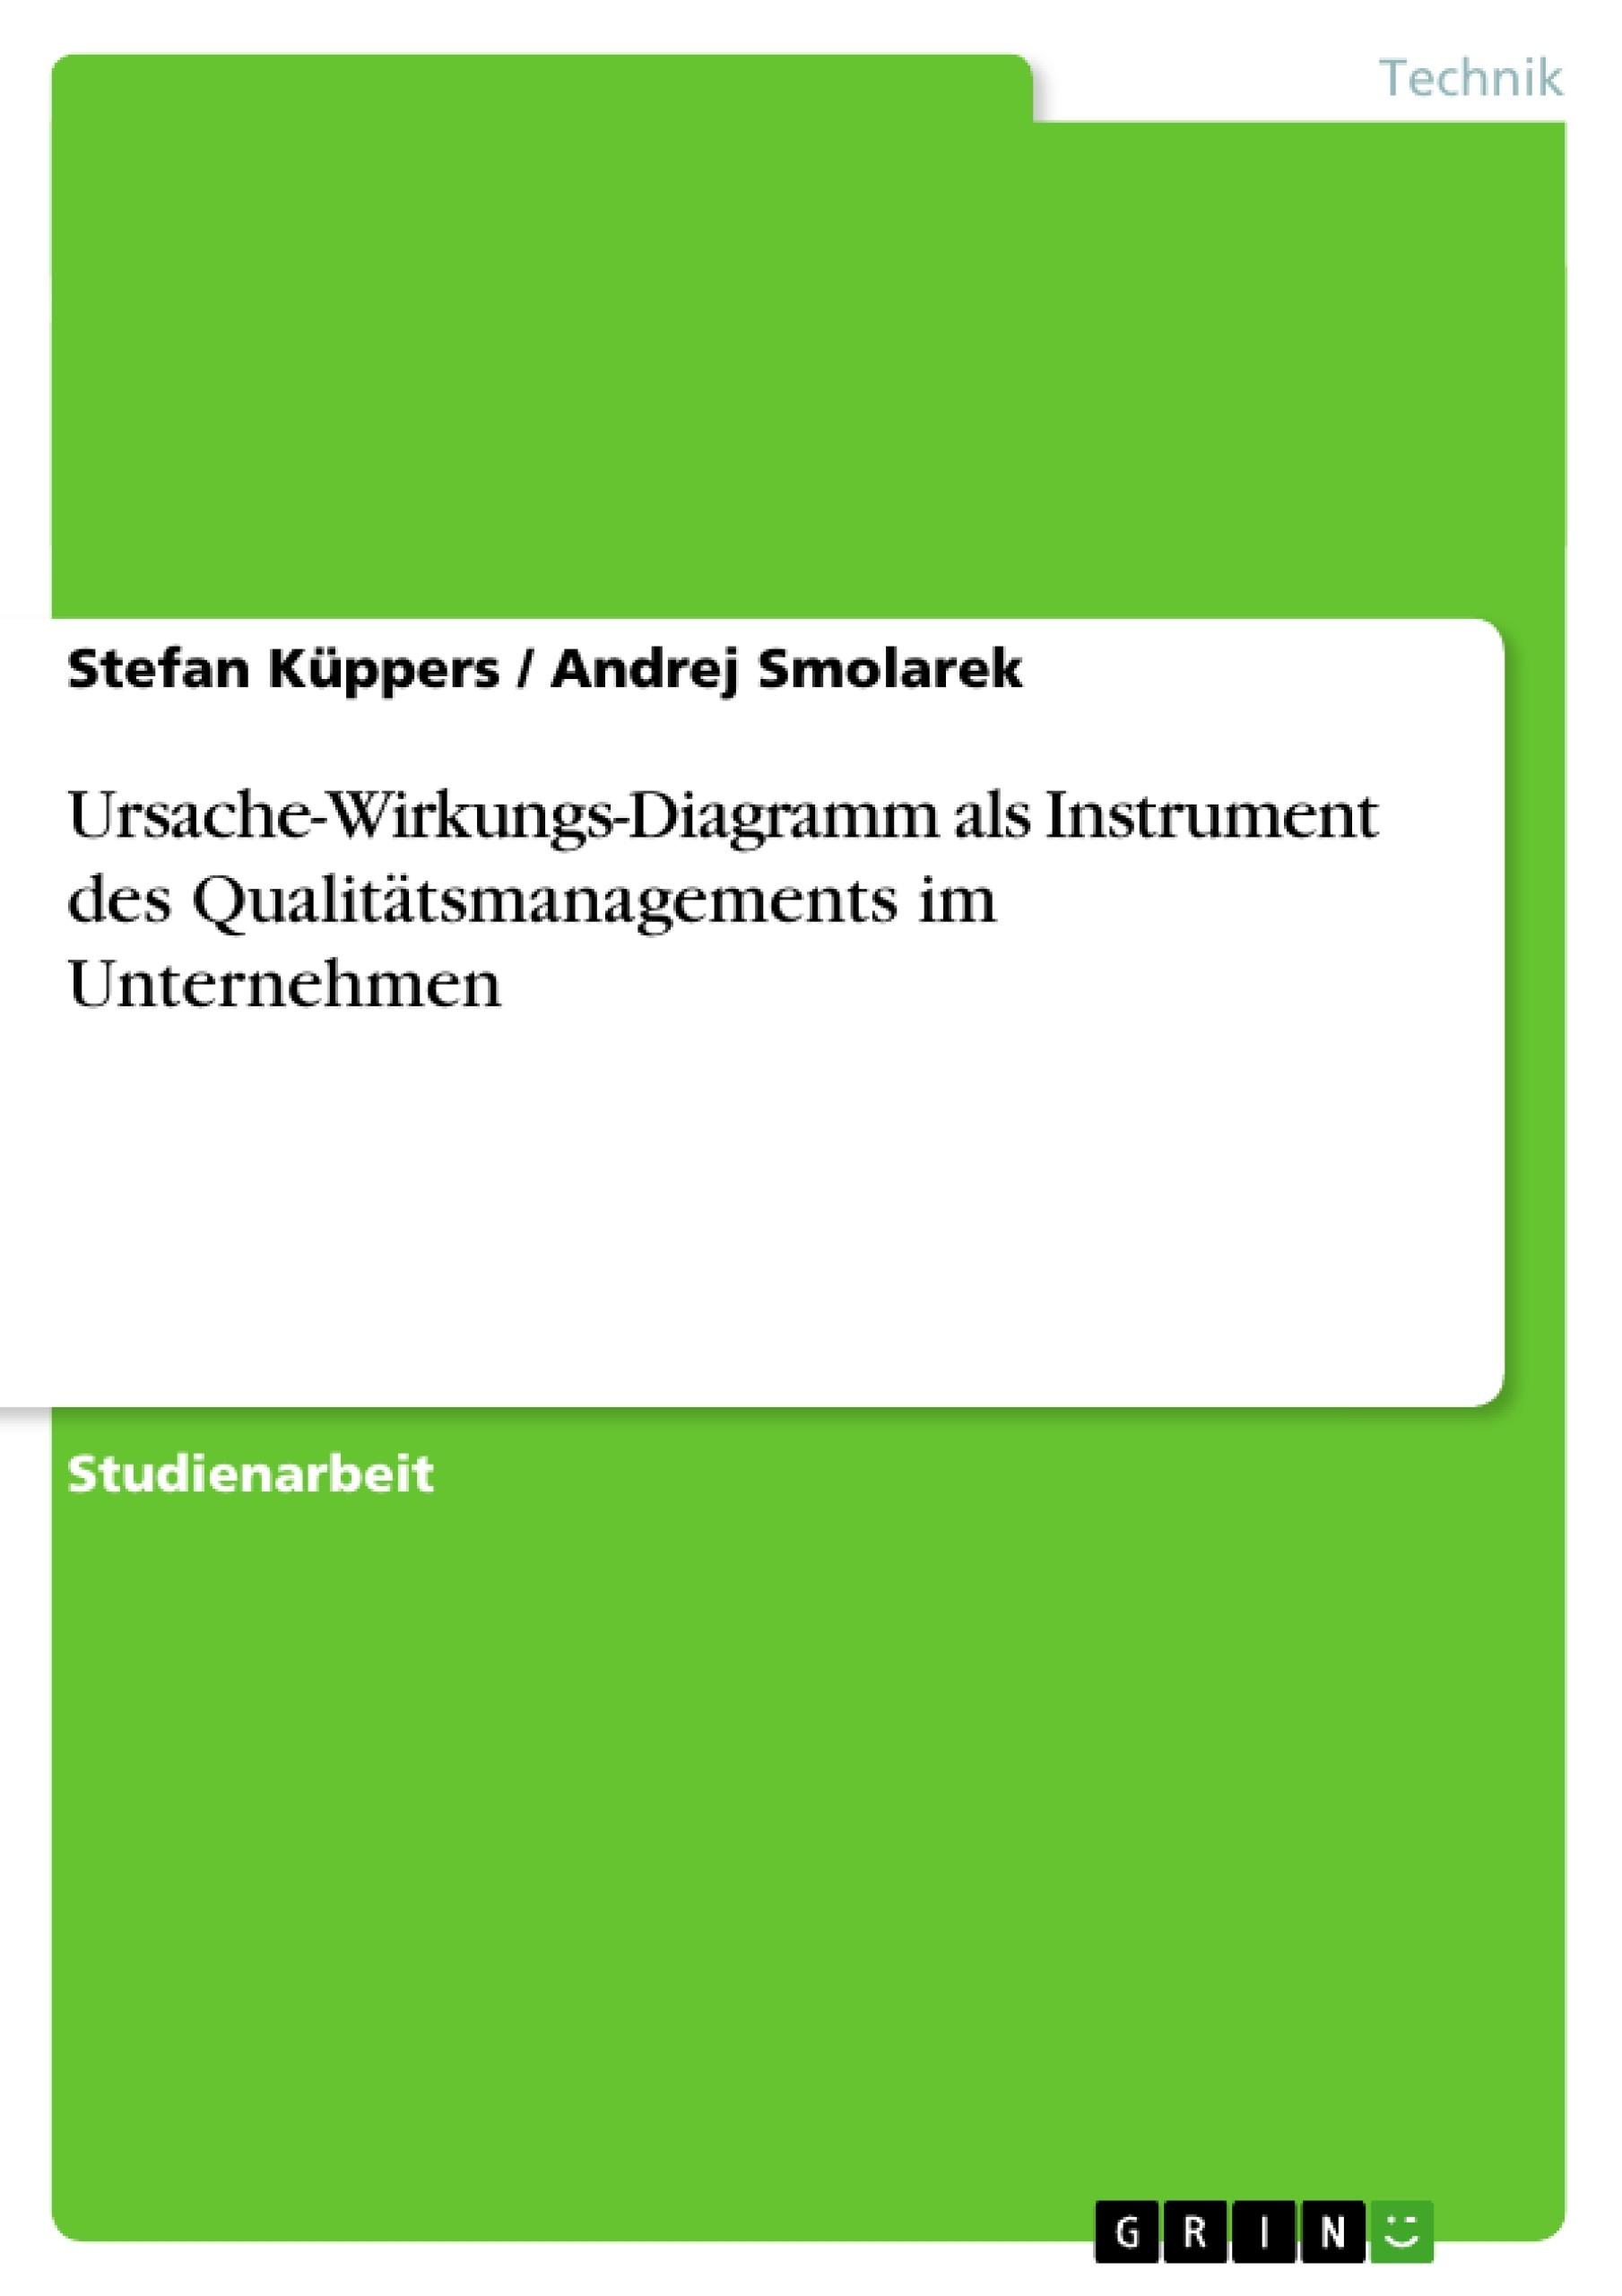 Tannenbaum Diagramm.Grin Ursache Wirkungs Diagramm Als Instrument Des Qualitätsmanagements Im Unternehmen